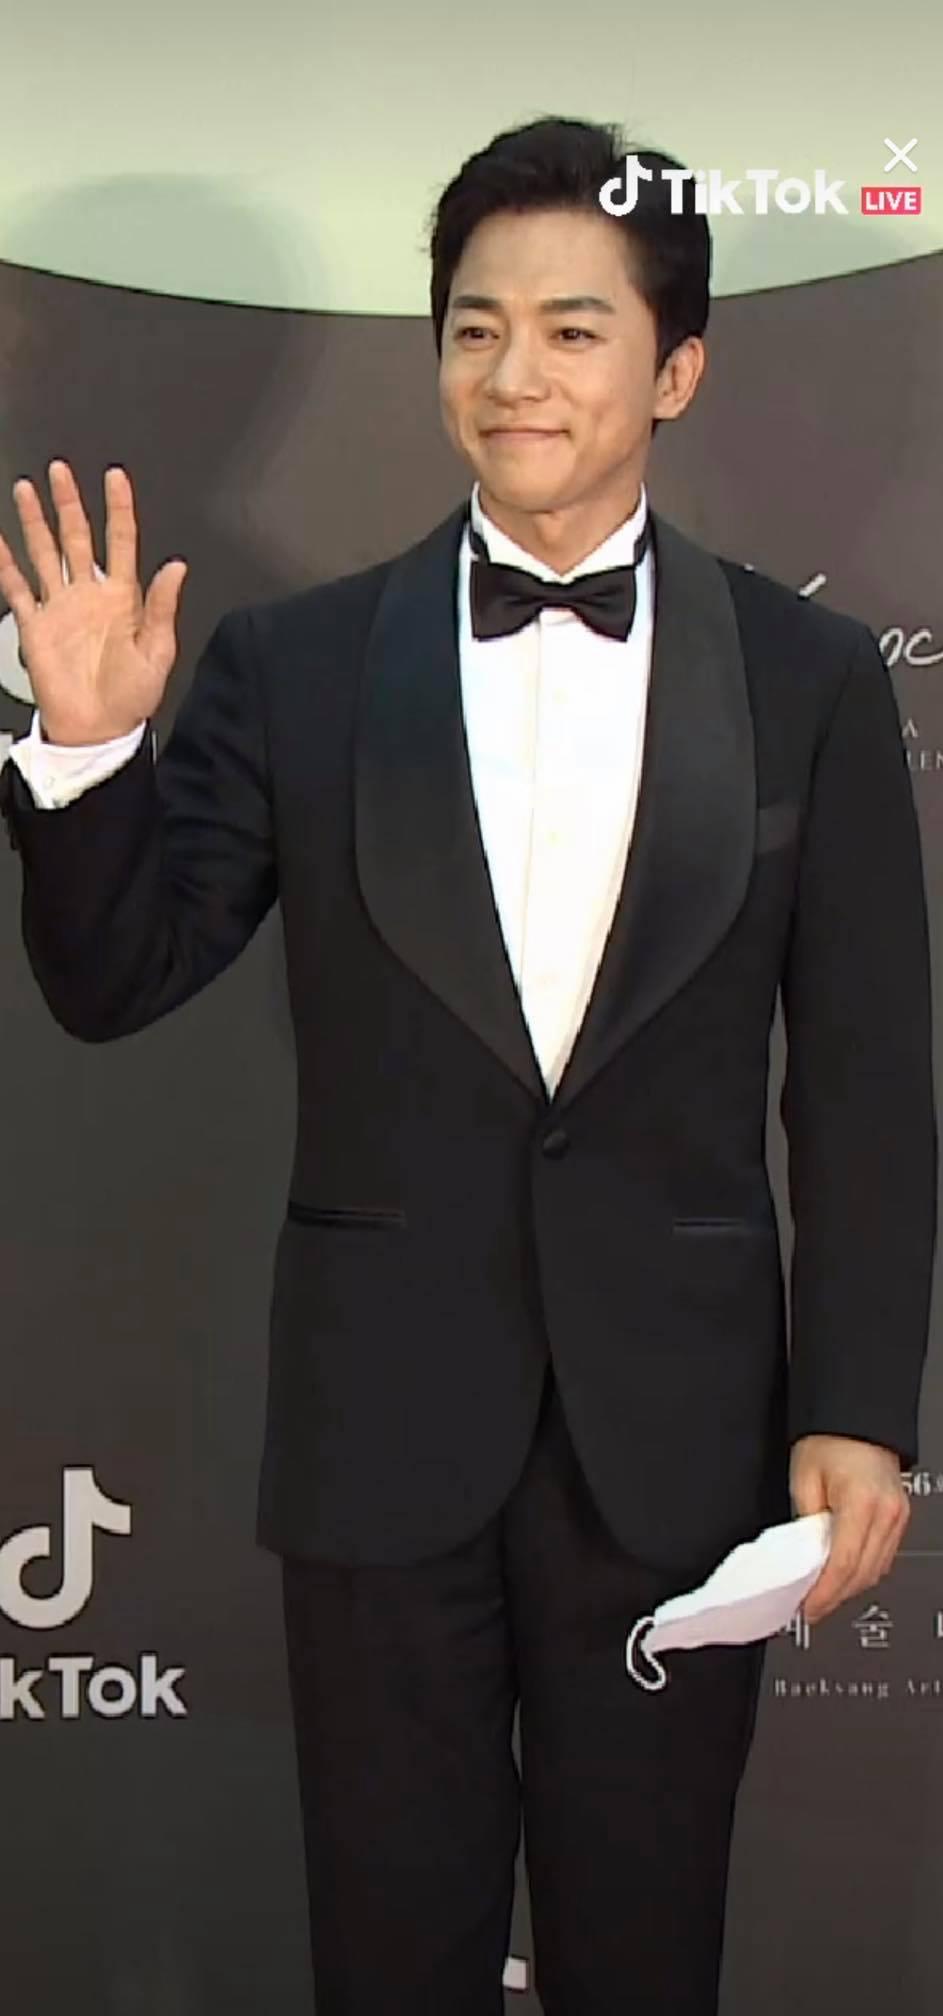 Thảm đỏ Baeksang Arts Awards 2020: 'Chị đại Triều Tiên' Seo Ji Hye chiếm spotlight với váy trắng lấp lánh, Kwon Nara diện váy hồng 'sến sẩm' 10